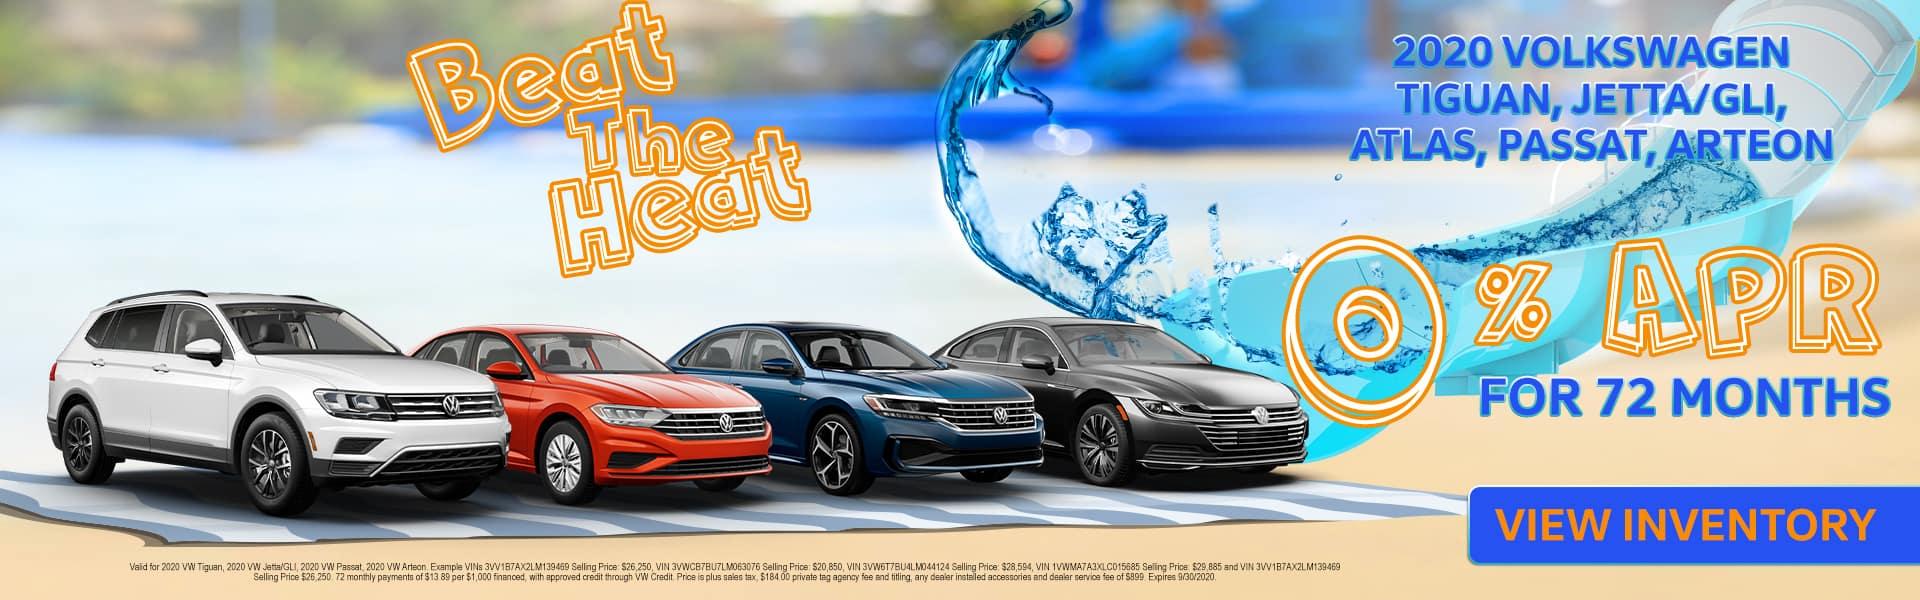 Beat The Heat | 2020 Tiguan, Jetta/GLI, Passat, Atlas, Arteon Models | 0% APR For 72 Months